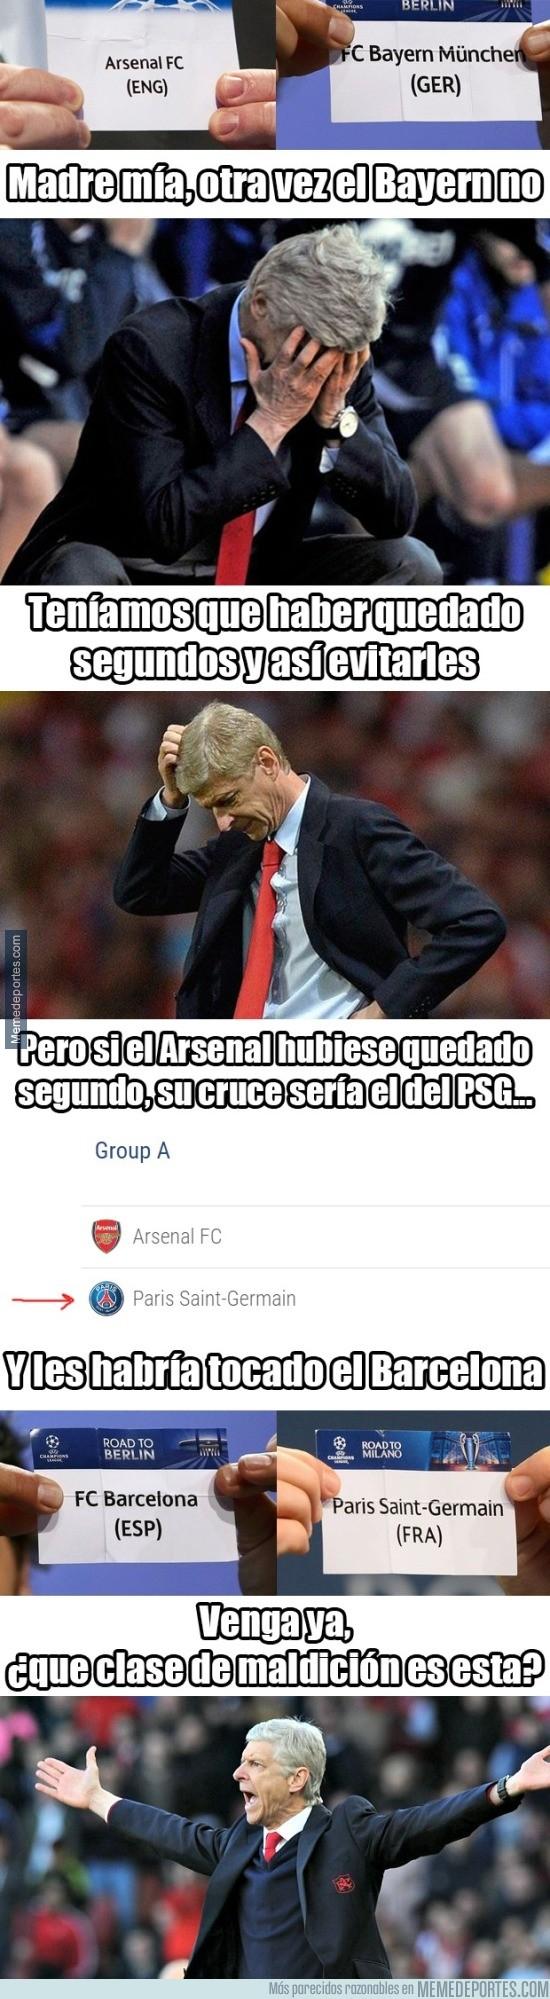 932183 - Quedara como quedara el Arsenal, estaba maldecido en esta Champions